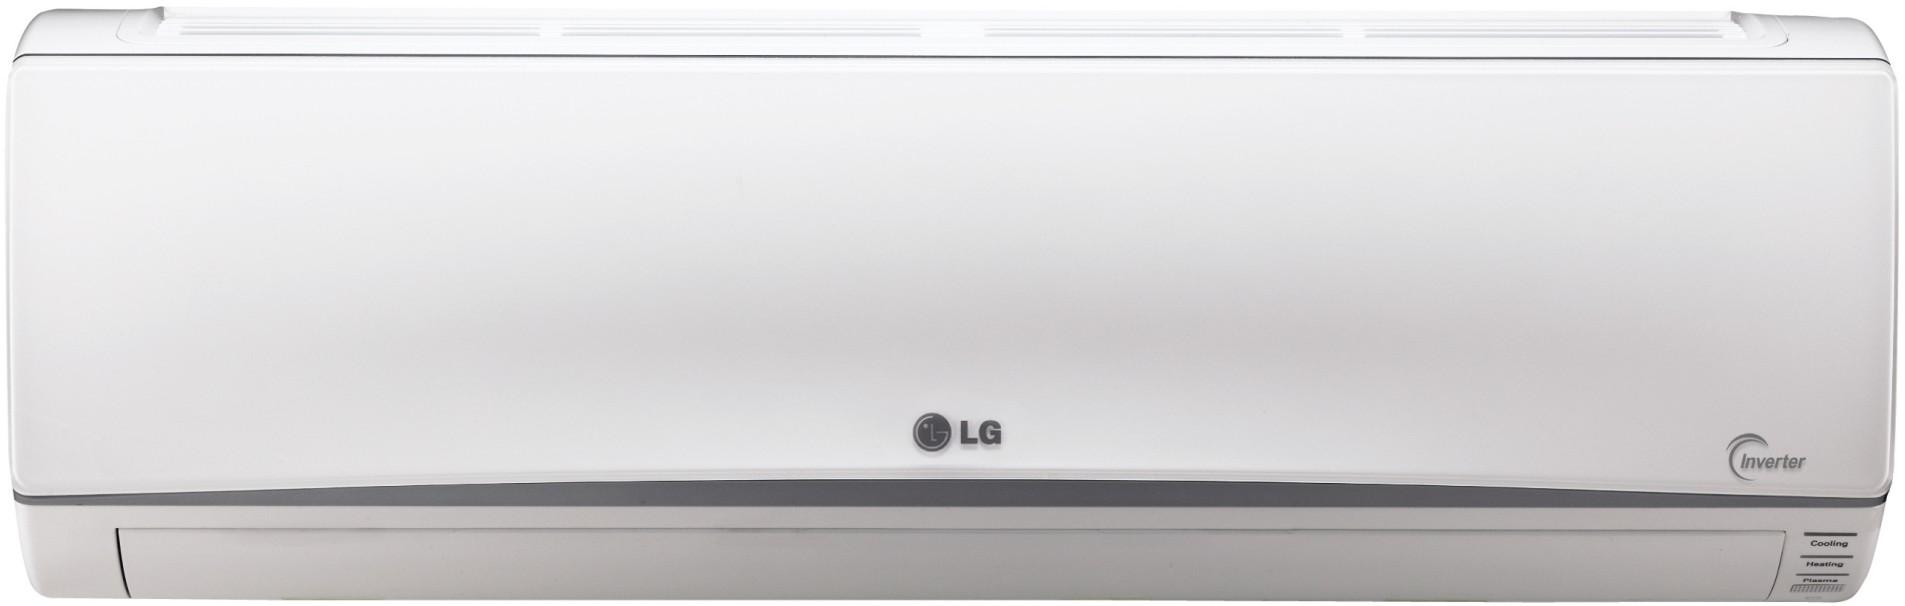 เครื่องปรับอากาศ LG ขนาด 18000 BTU S18DN.EE1 [ขายแยกเฉพาะ คอยล์เย็น Indoor]